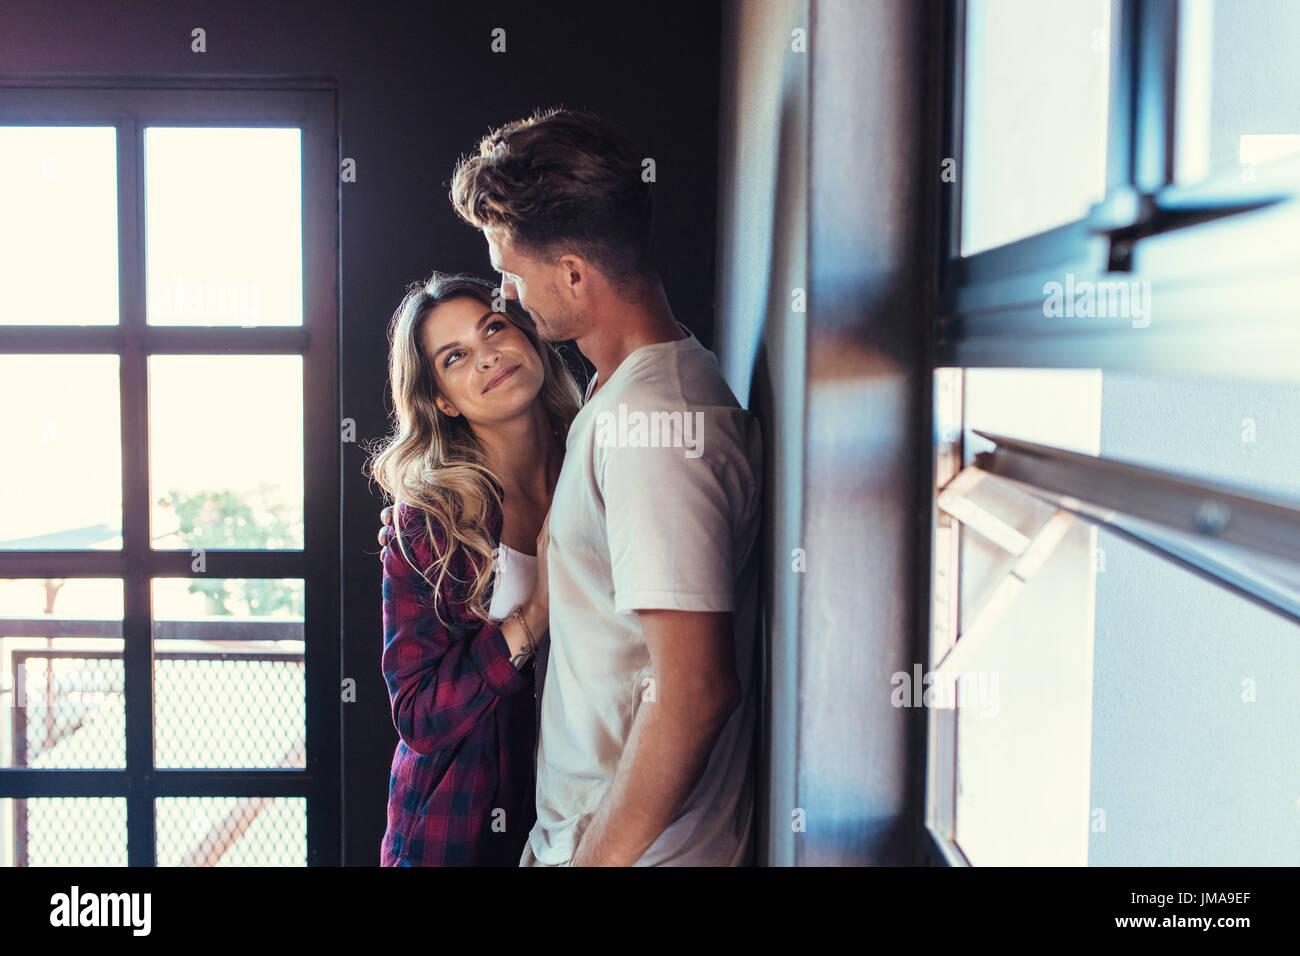 Porträt des romantischen junges Paar einander betrachtend. Mann und Frau in Liebe zusammen drinnen stehen. Stockbild